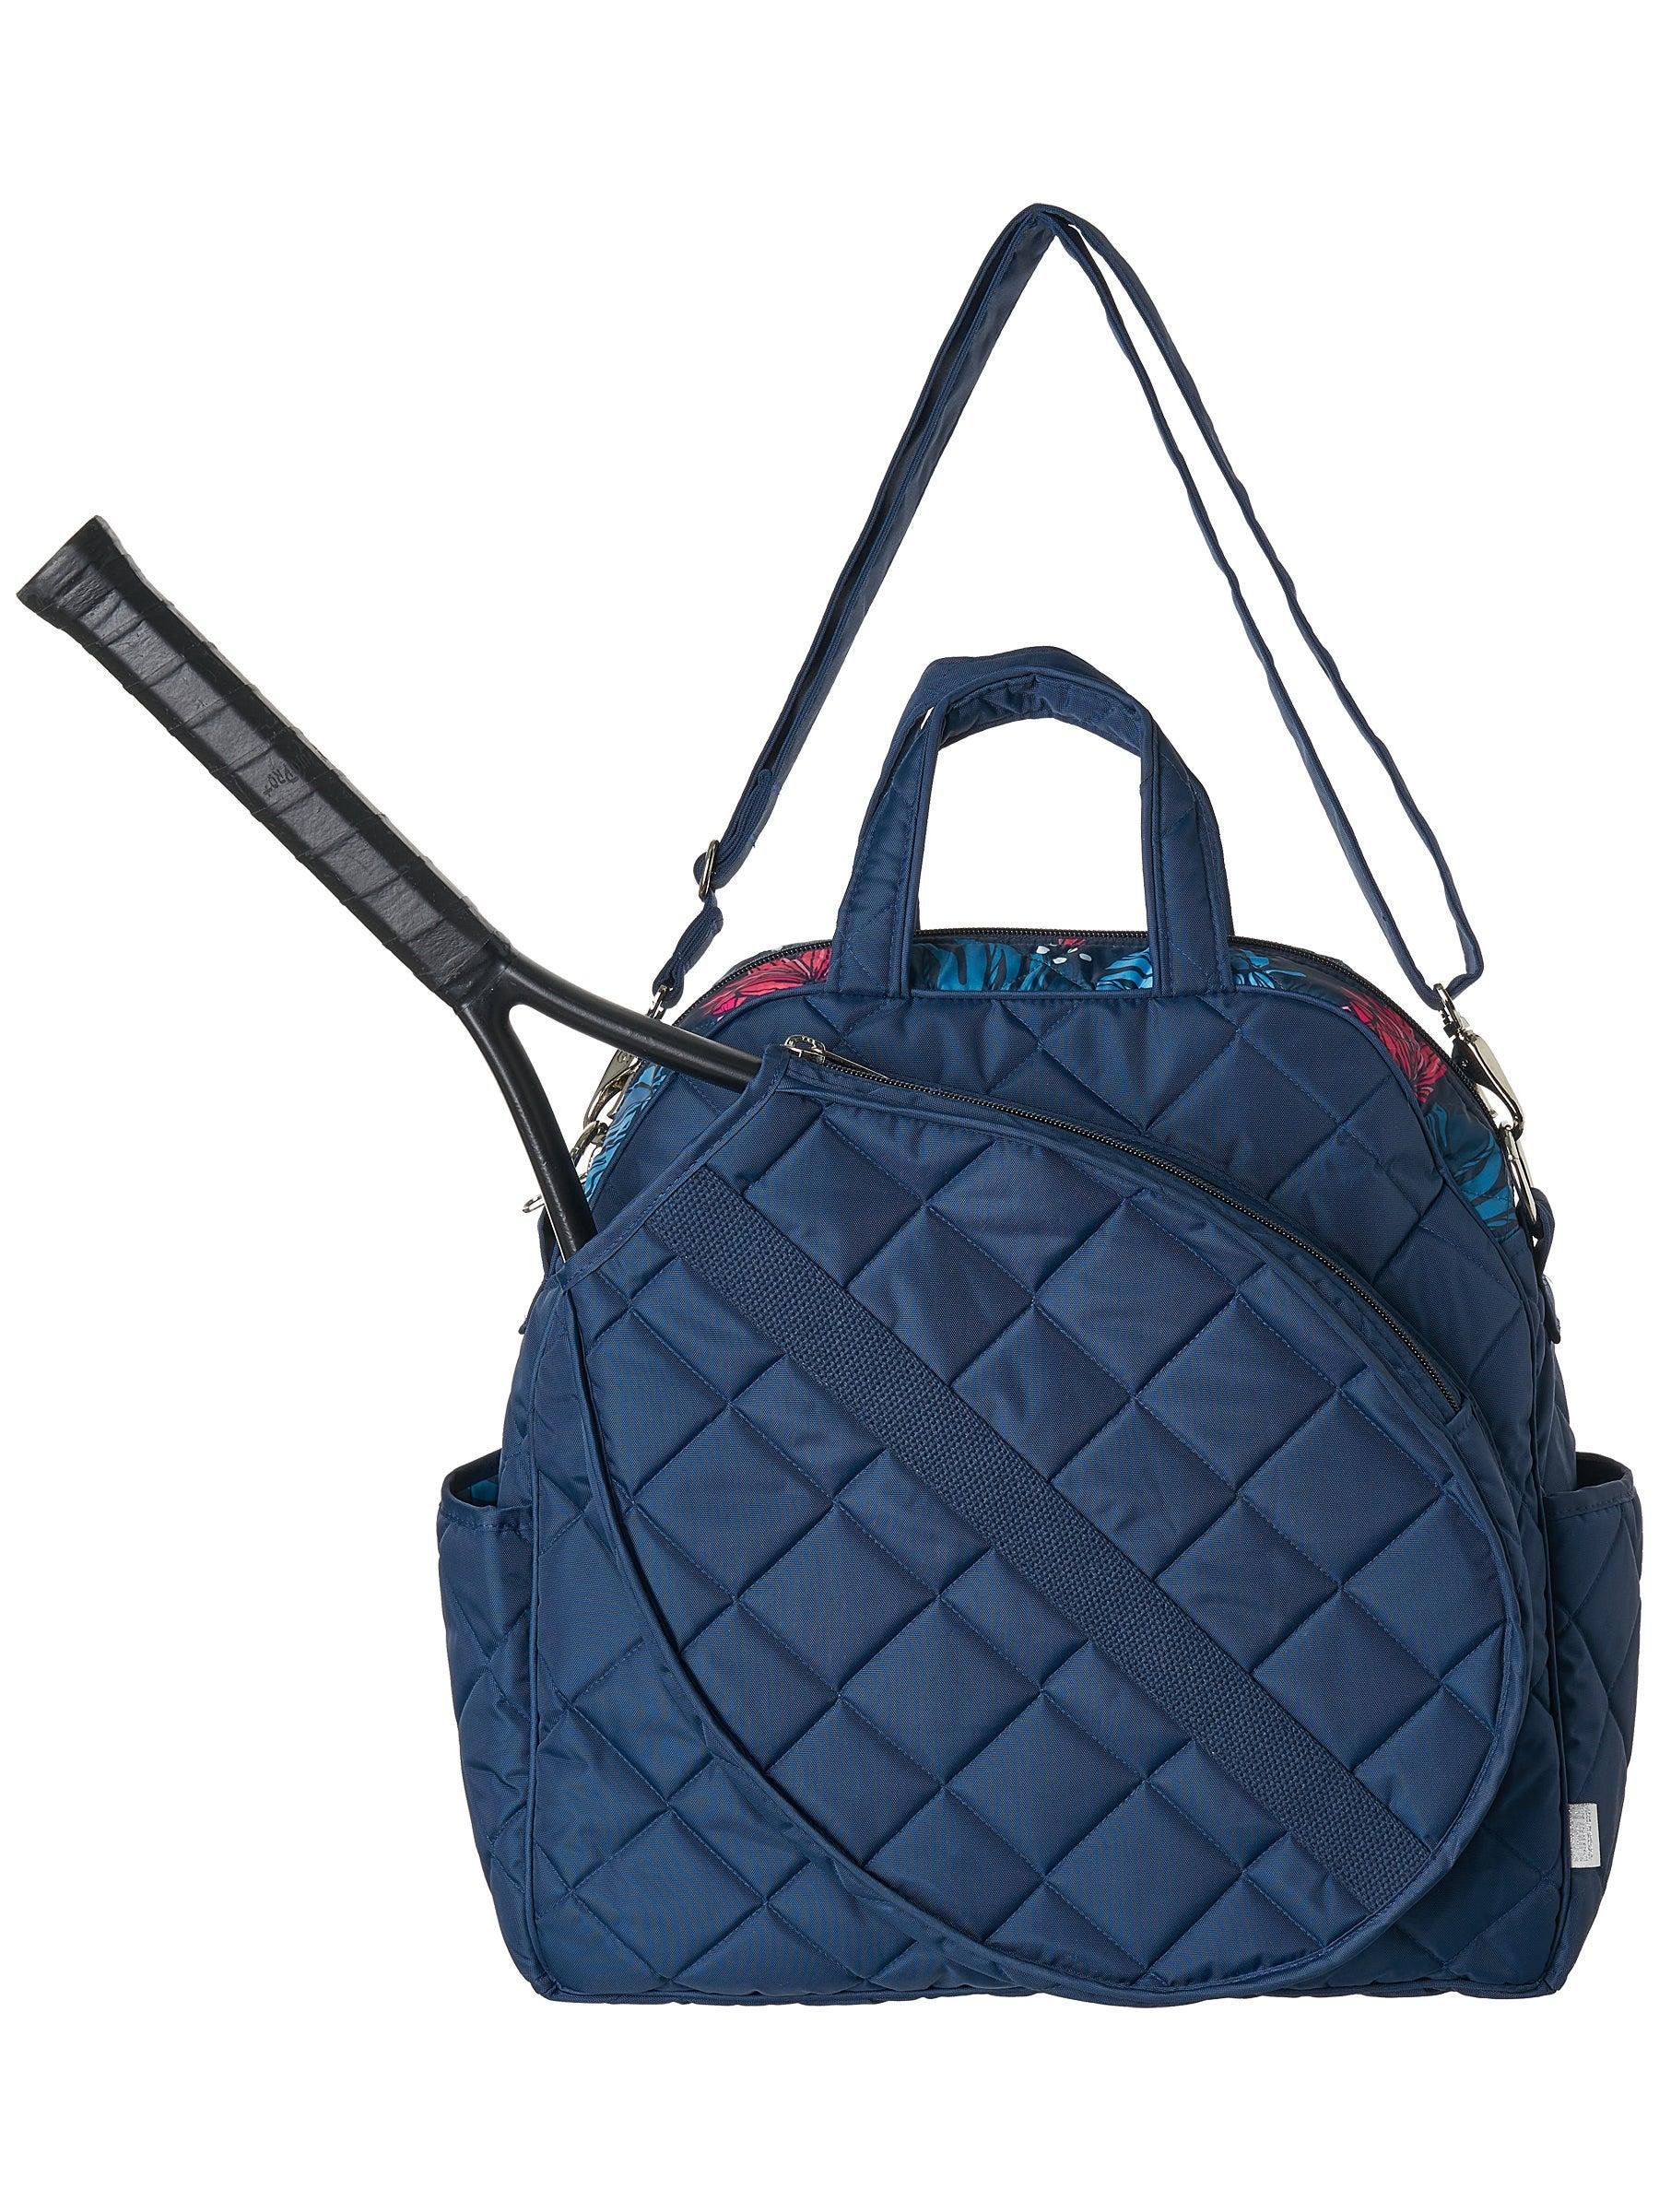 Summer Zipper Small Square Bag Size 21x22x7cm @@ JU FU Shoulder Bags Womens Messenger Bag Color : A PU Material Black//Silver//Gold Shoulder Bag